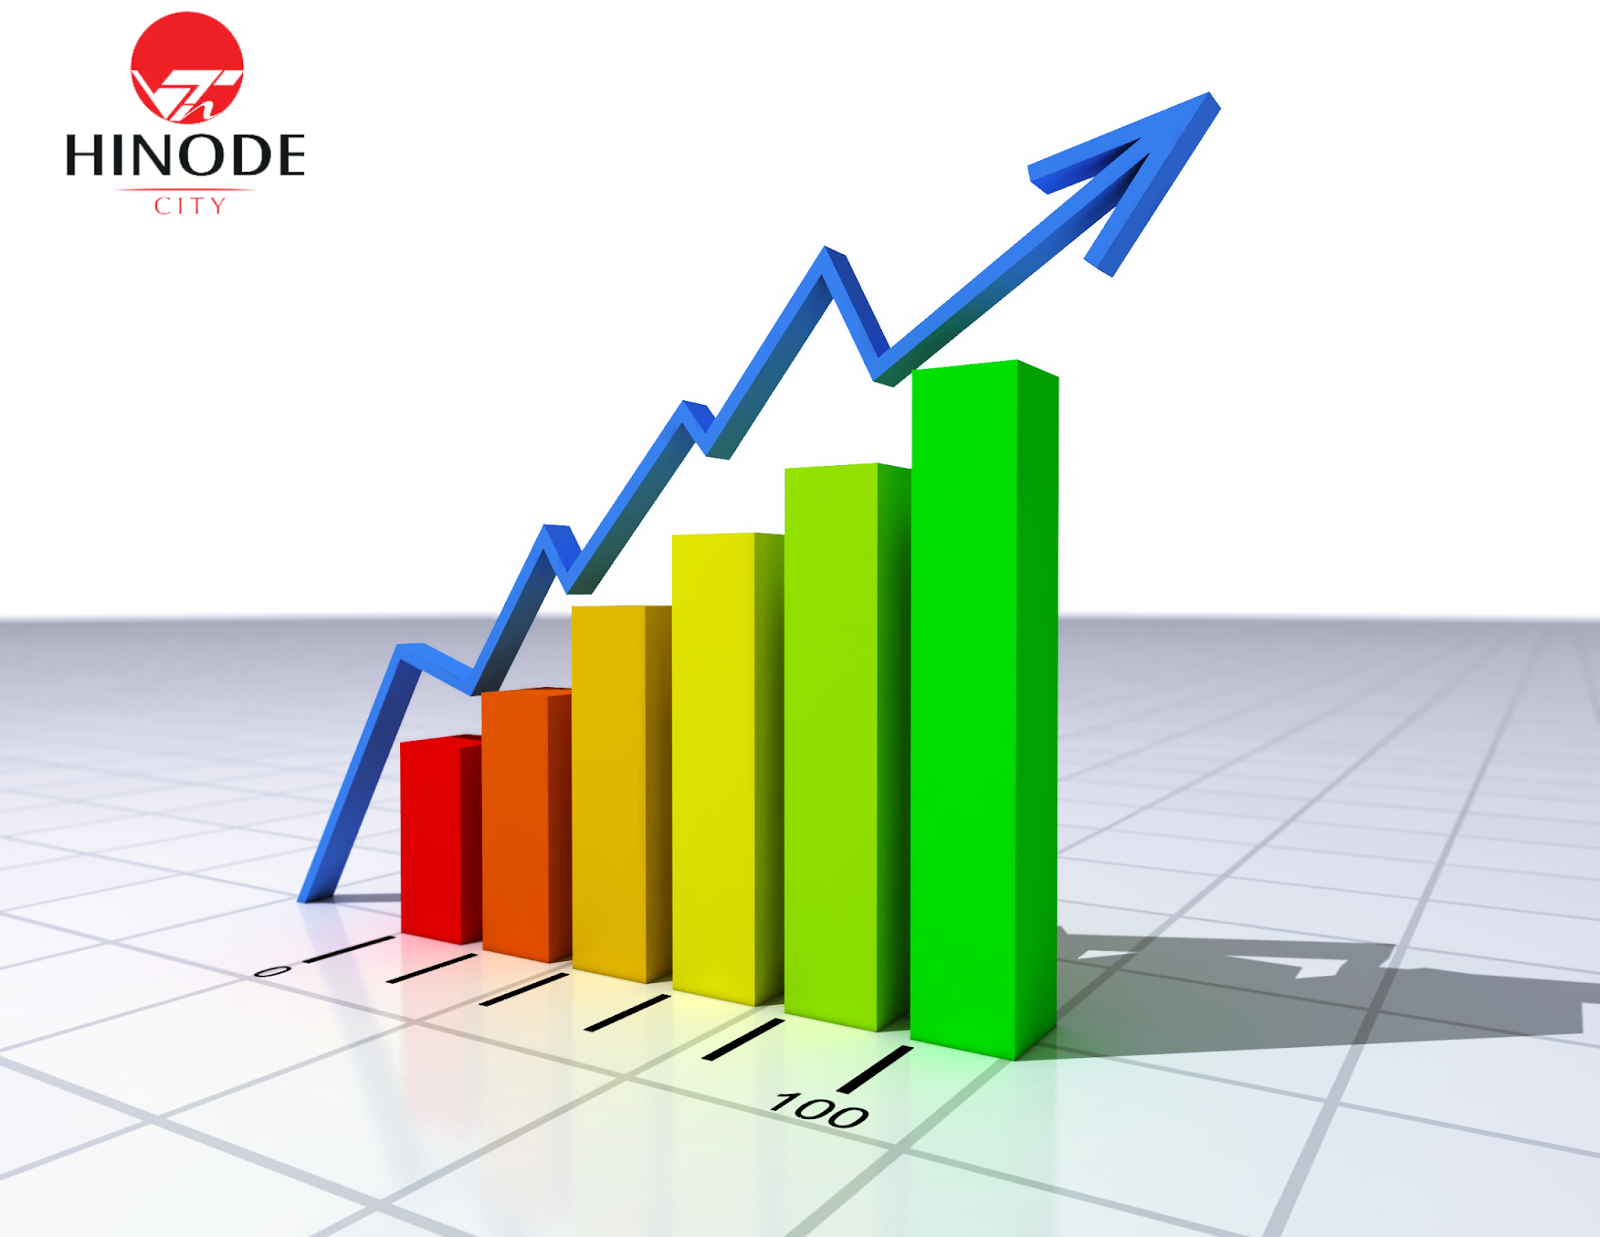 Tiềm năng tăng giá của dự án Hinode City Minh Khai